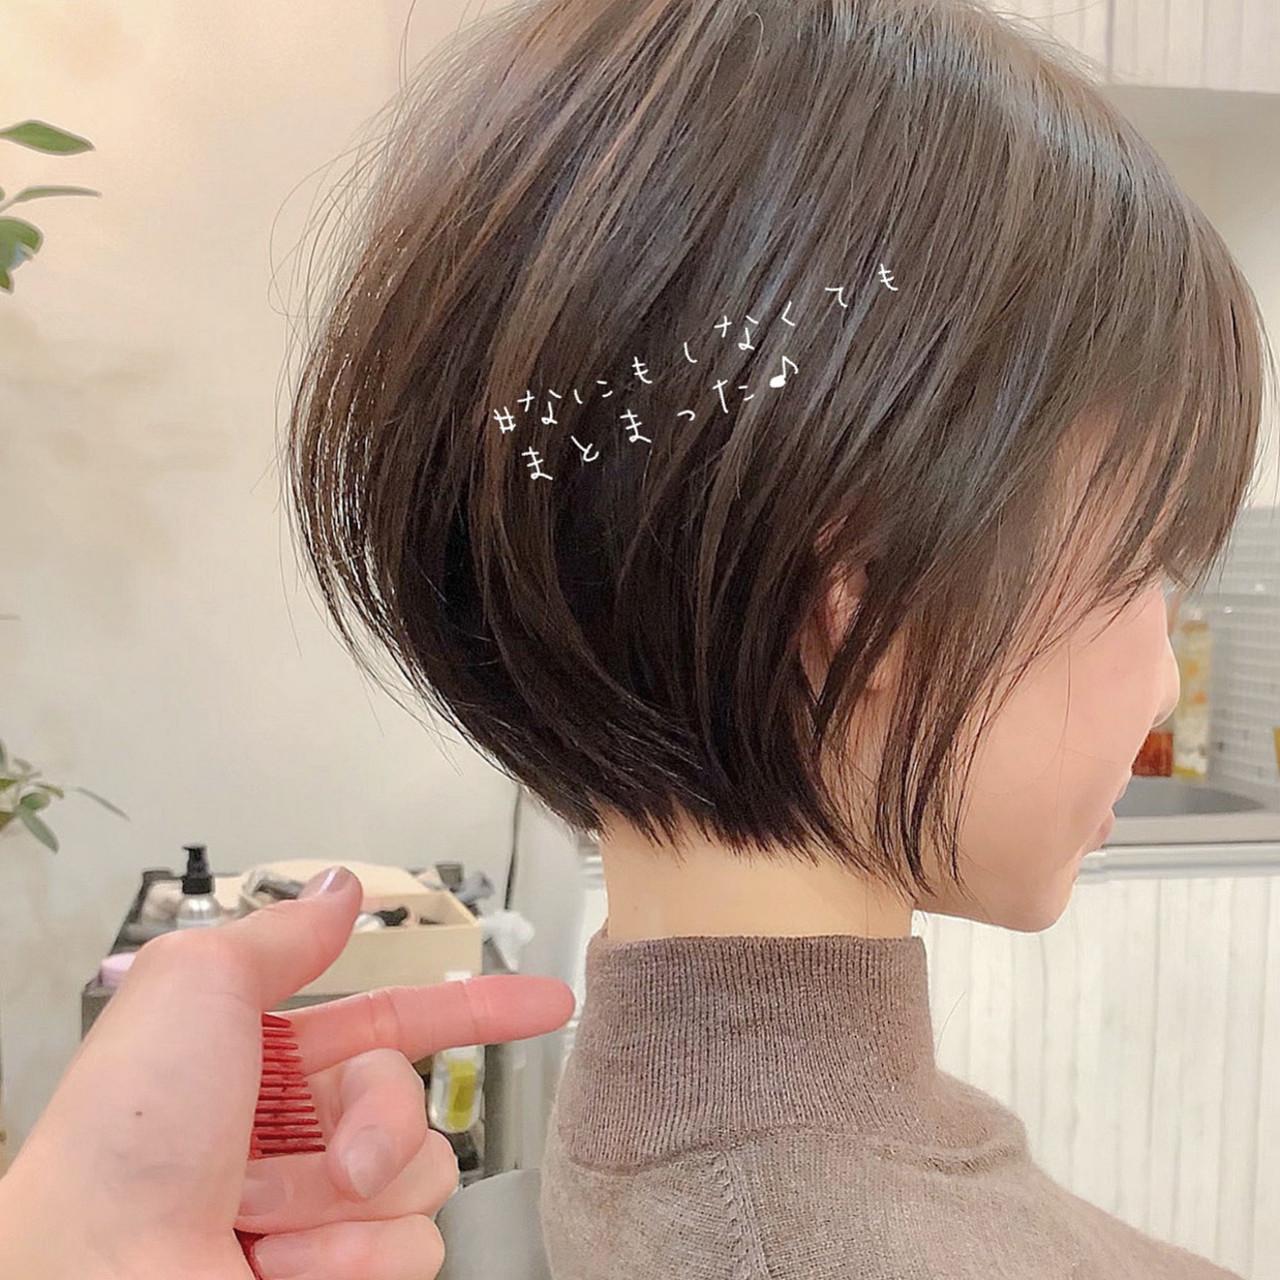 ショート ナチュラル ショートボブ アンニュイほつれヘア ヘアスタイルや髪型の写真・画像 | ショートボブの匠【 山内大成 】『i.hair』 / 『 i. 』 omotesando